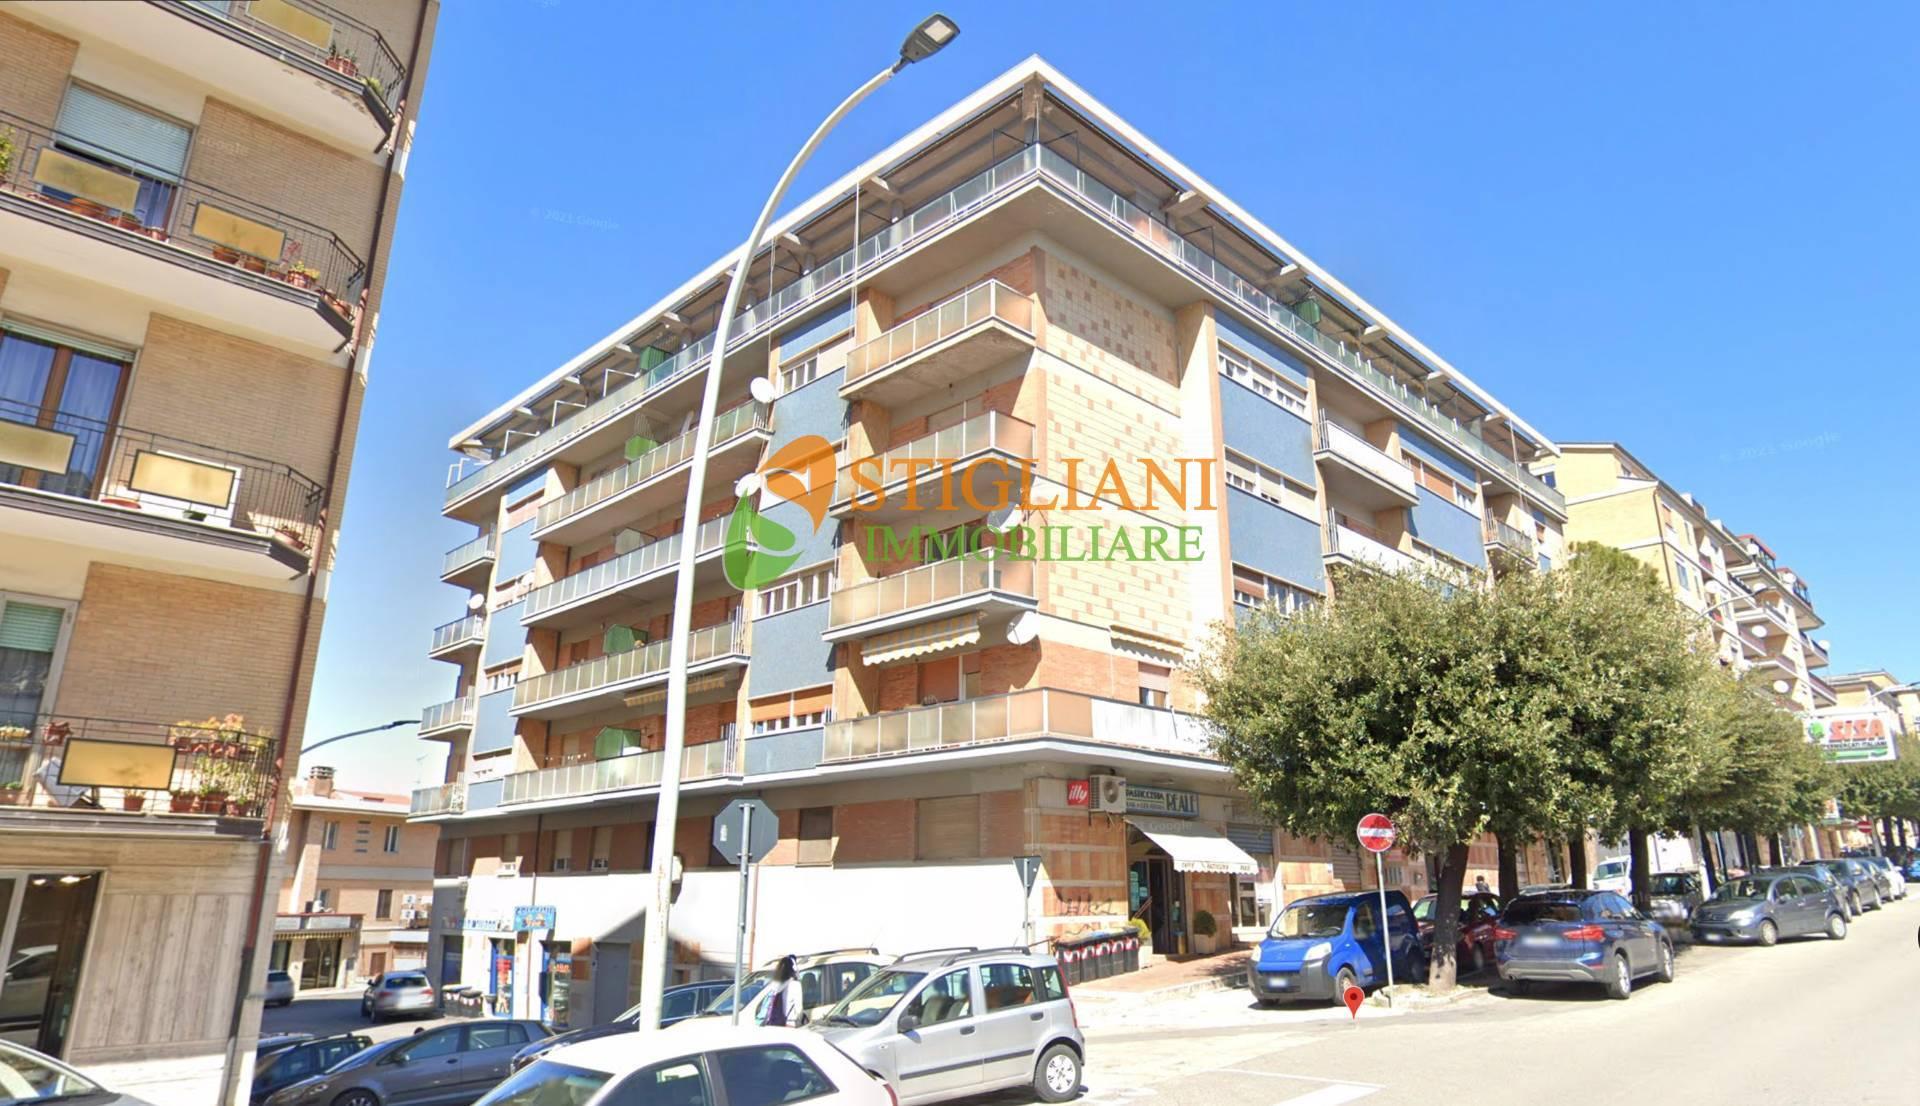 Appartamento in affitto a Campobasso, 1 locali, zona Zona: Semicentro, prezzo € 350   CambioCasa.it